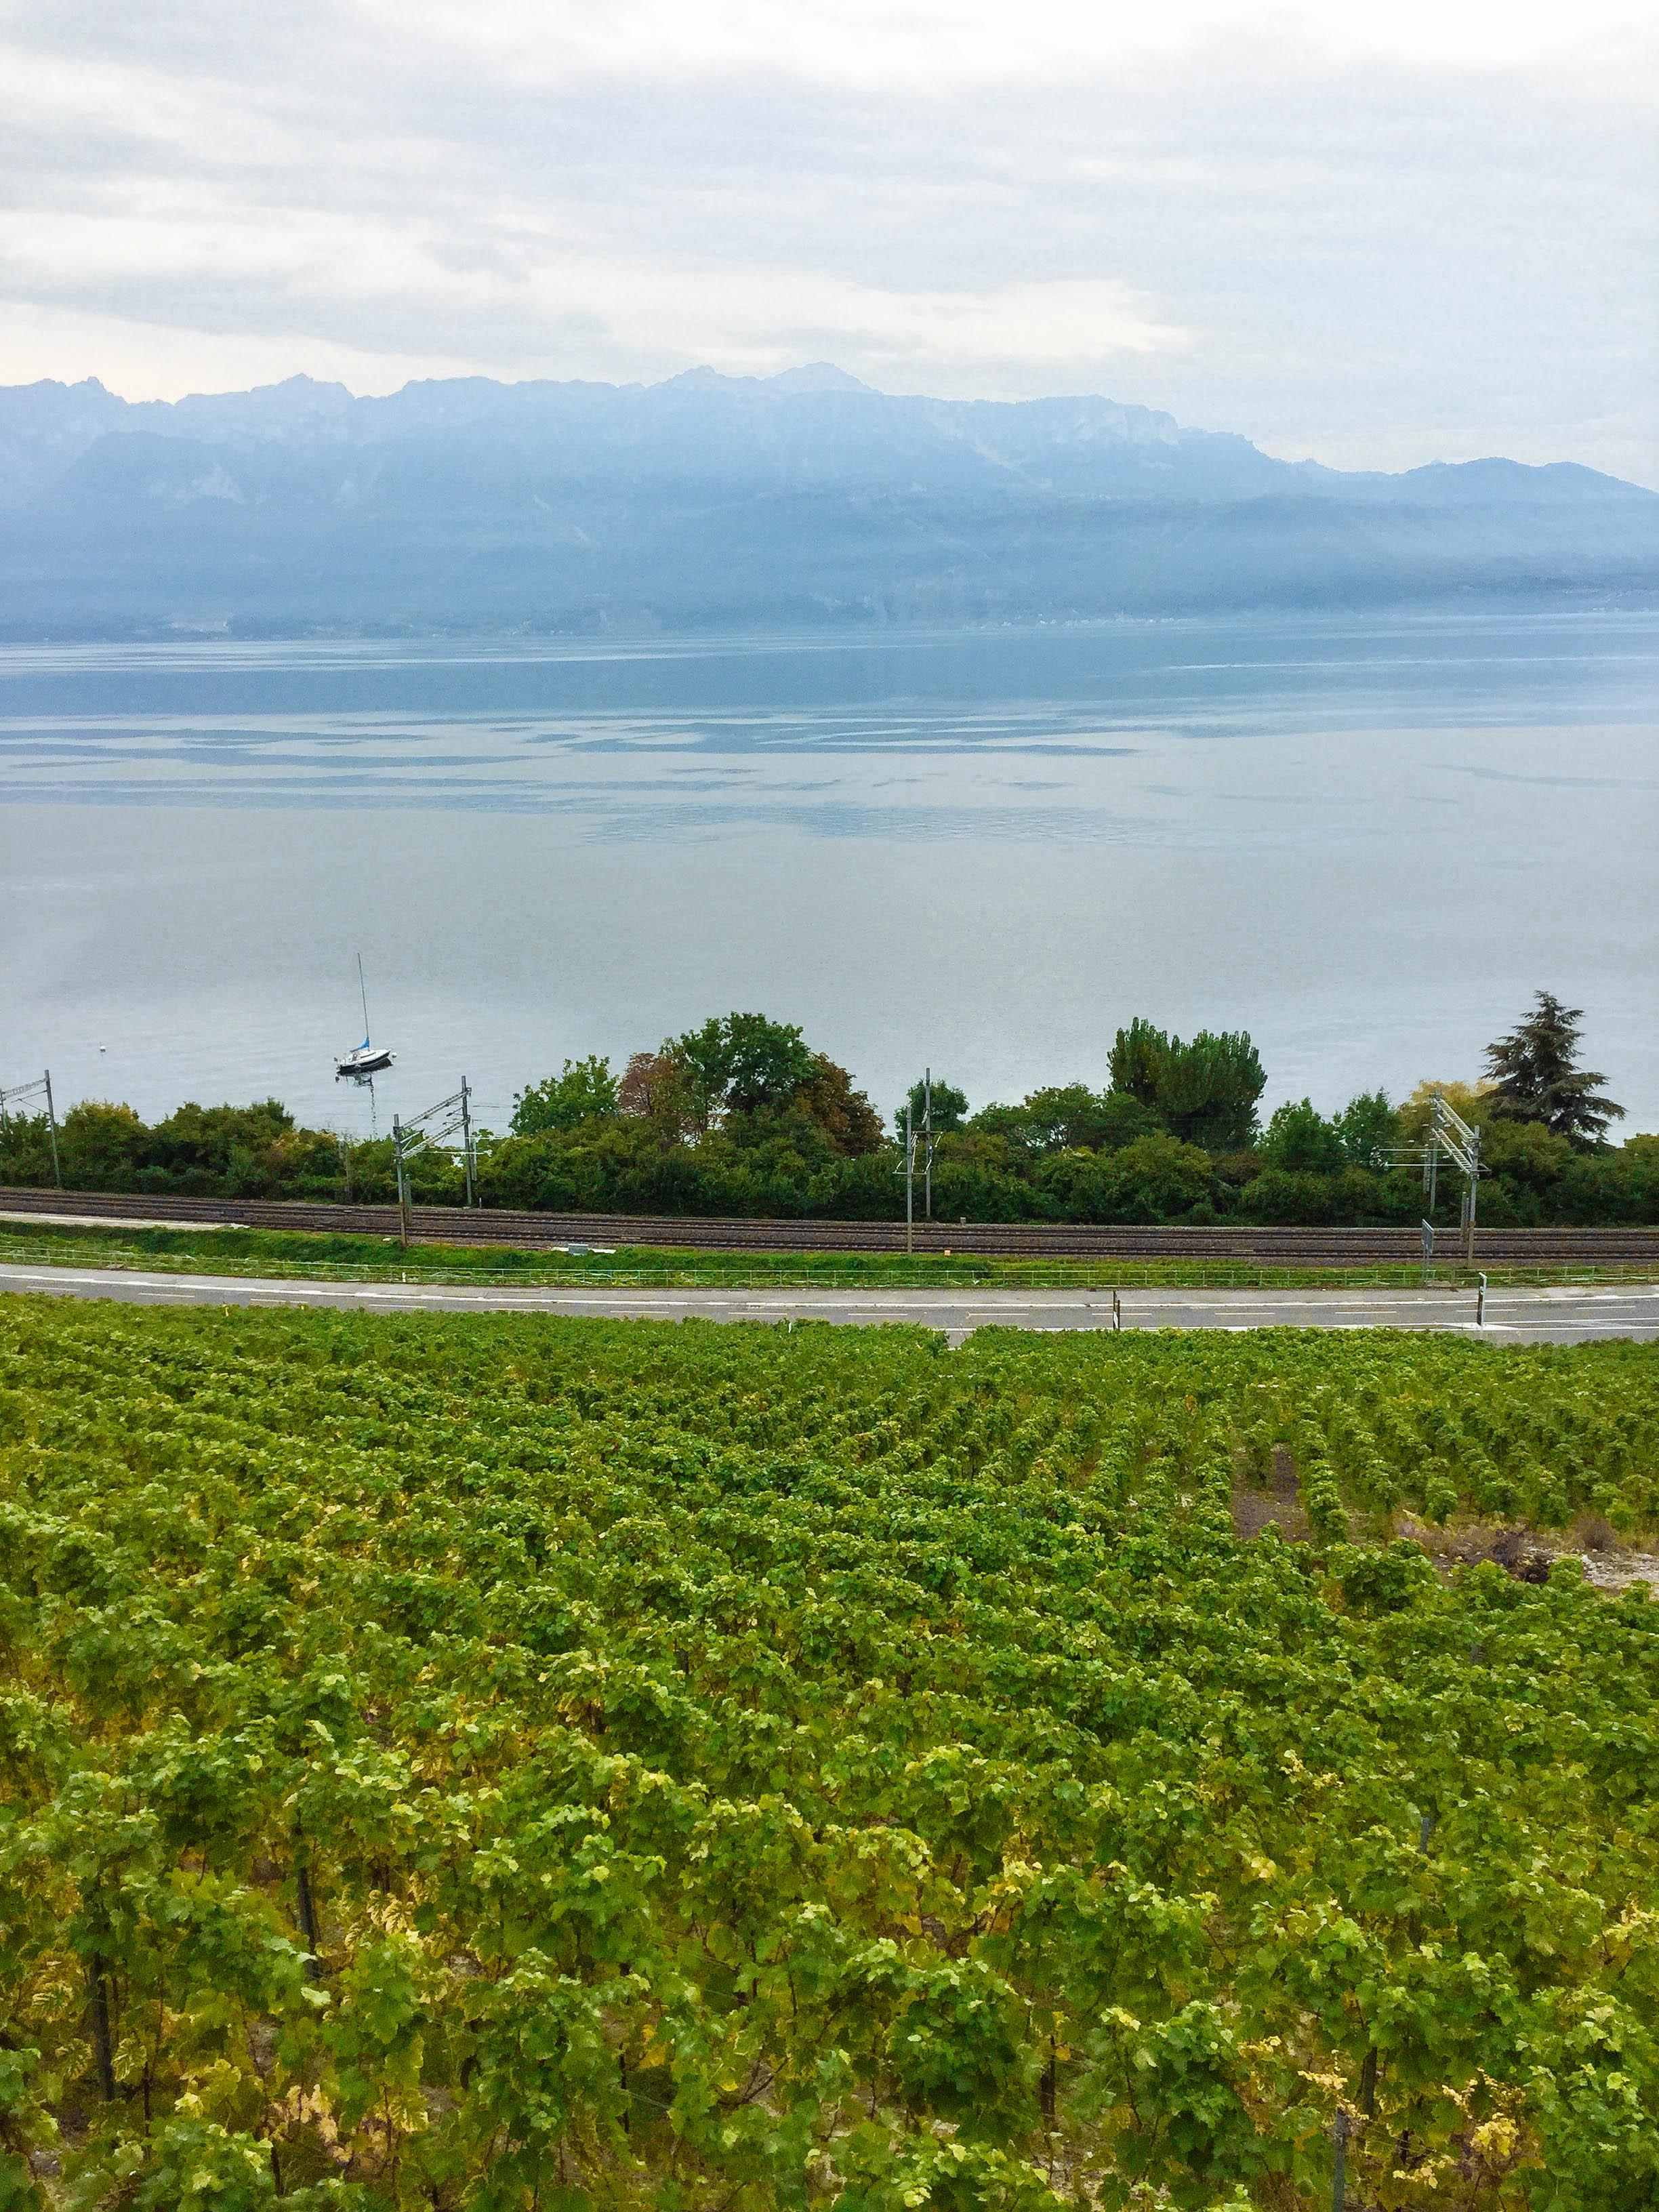 사진1) 스위스 와인 산지 전경